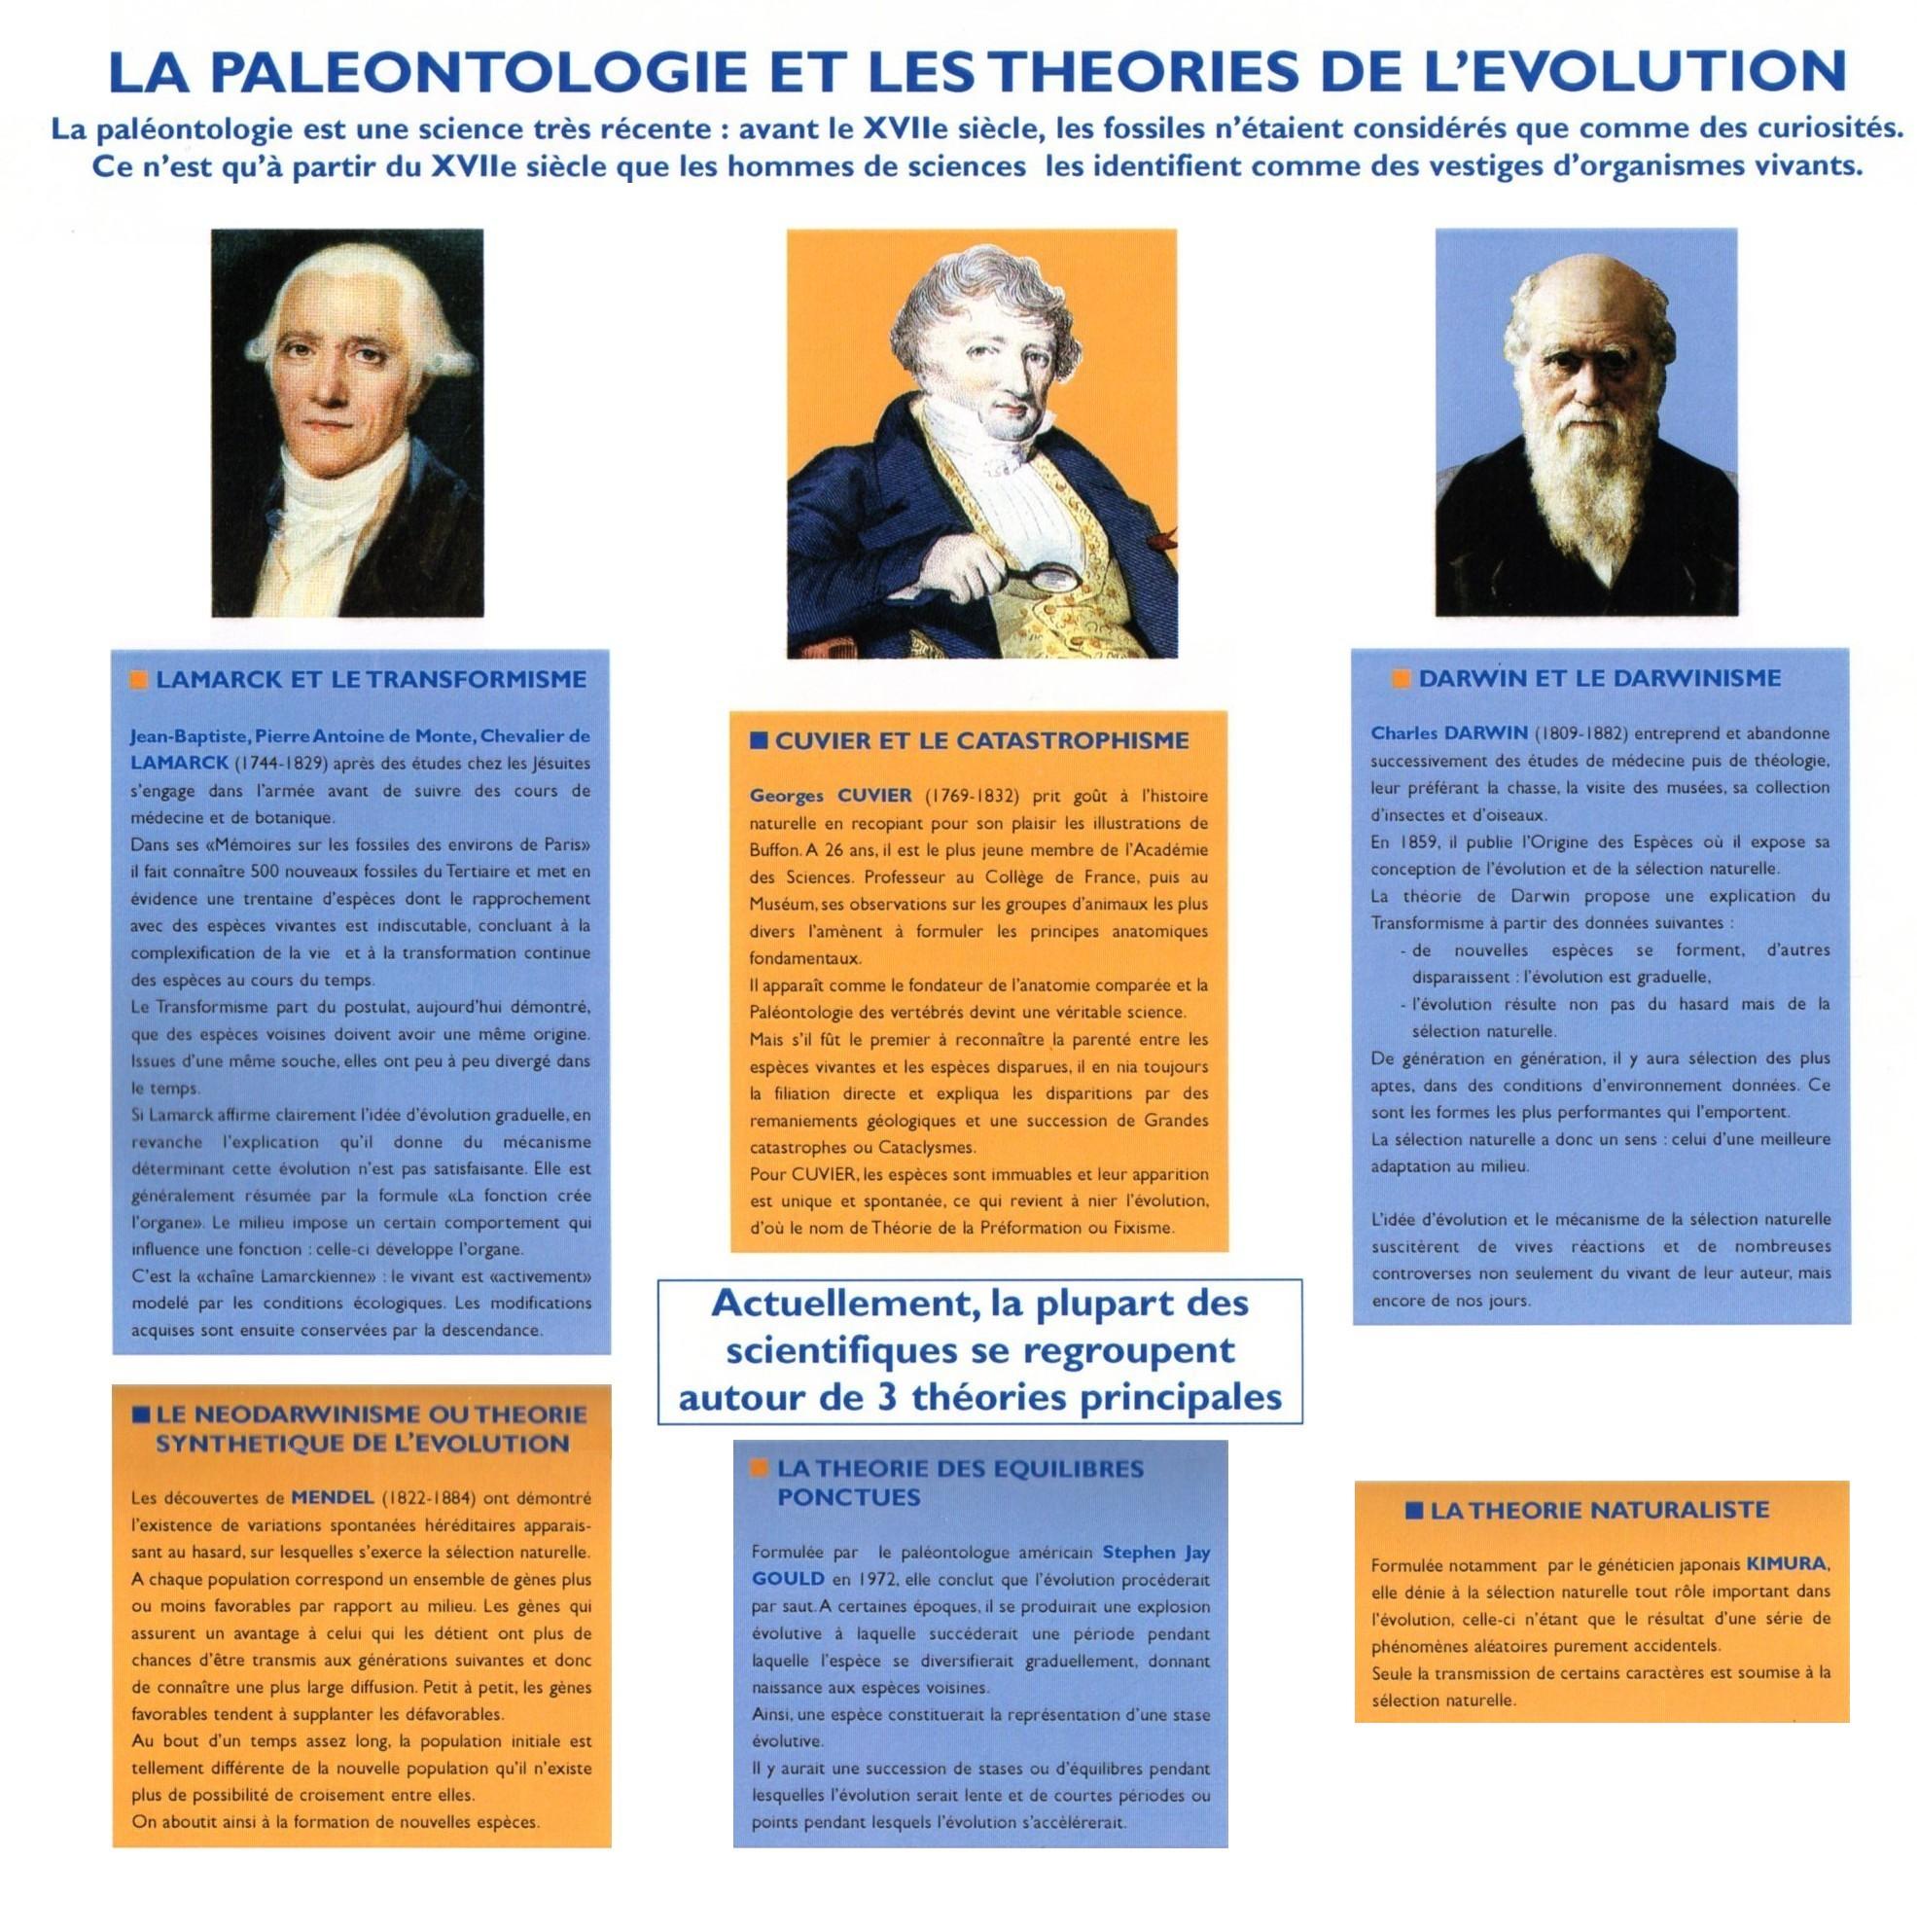 Les théories de l'Evolution